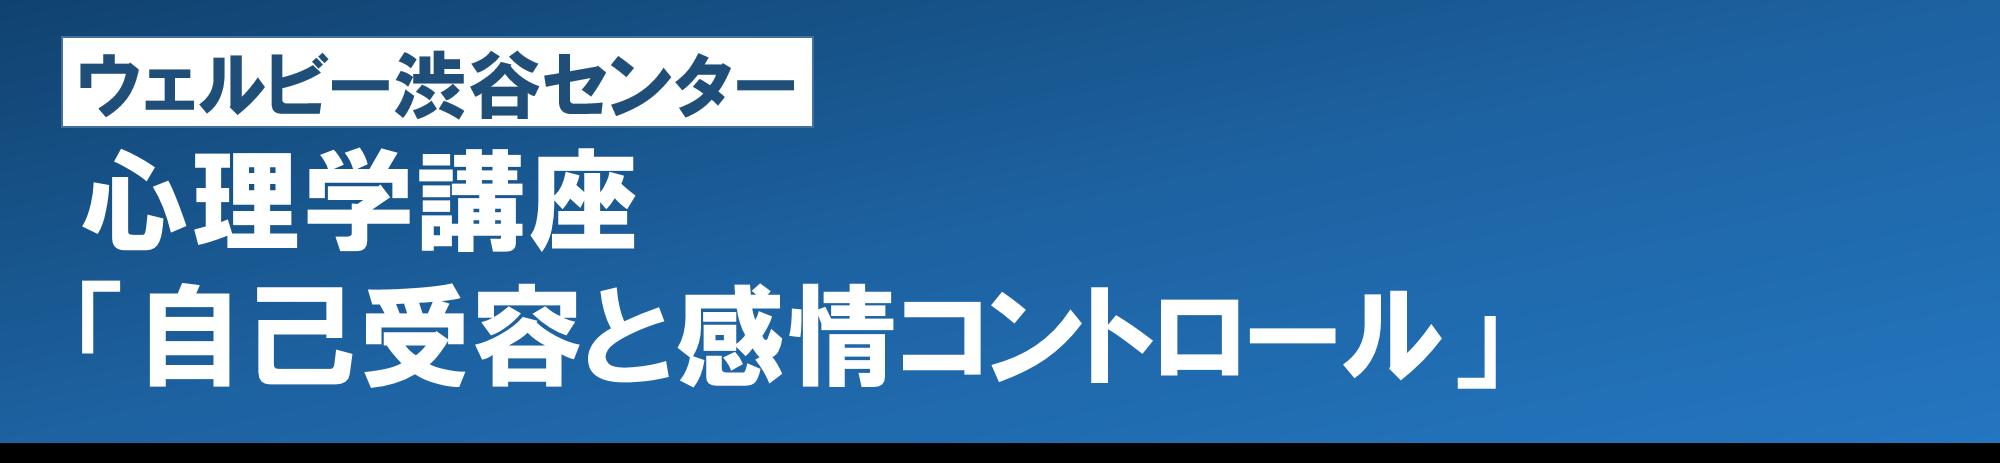 【渋谷】心理学講座「自己受容と感情コントロール」